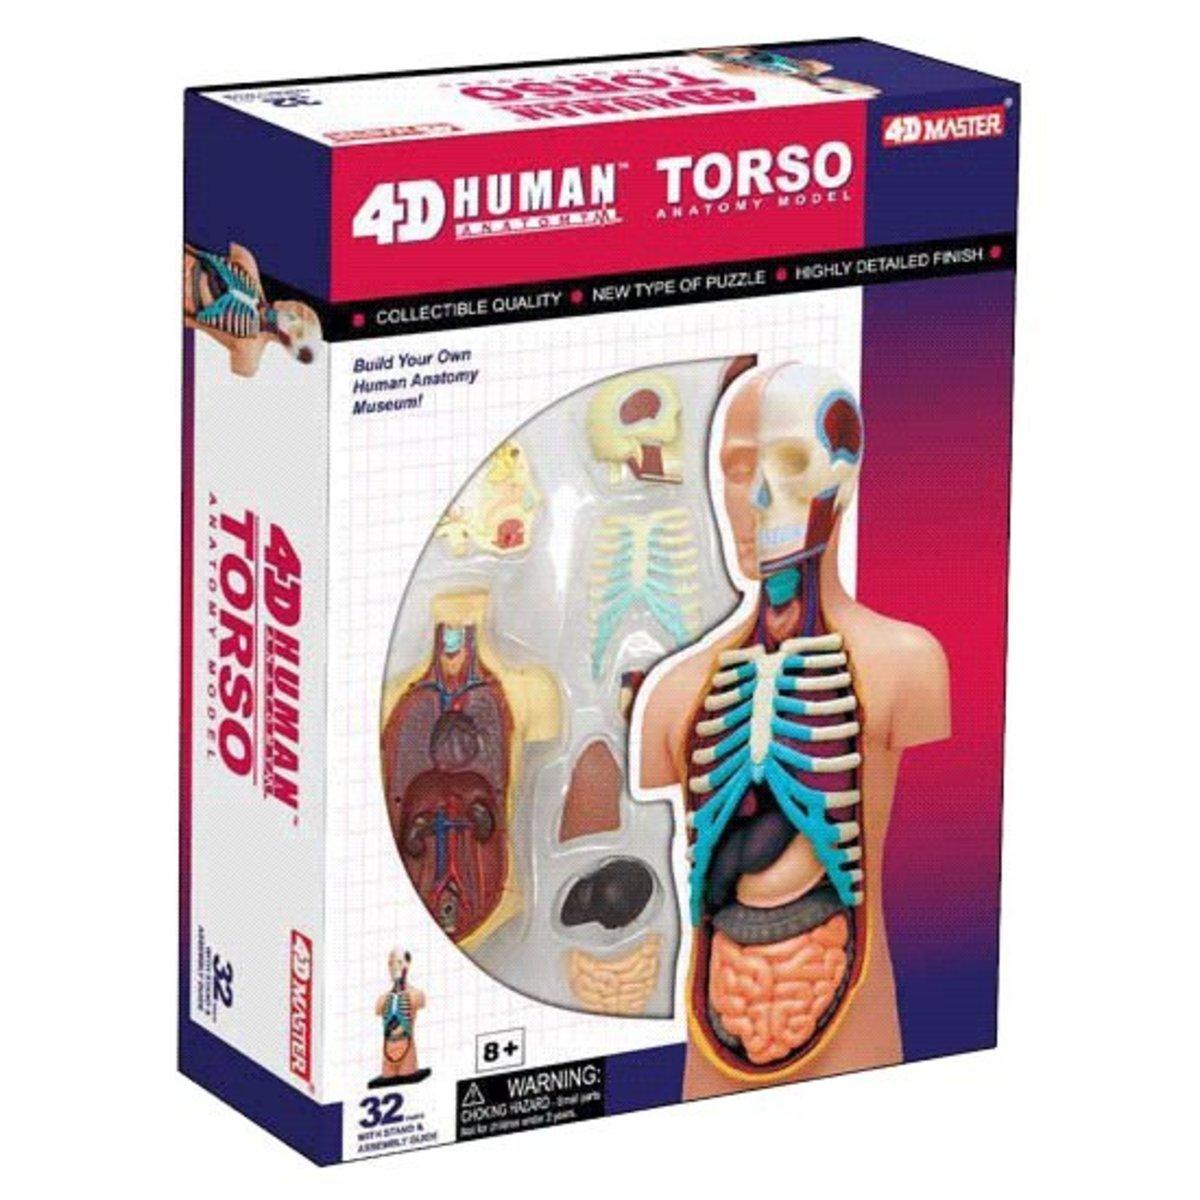 人體解剖模型-5吋小人體